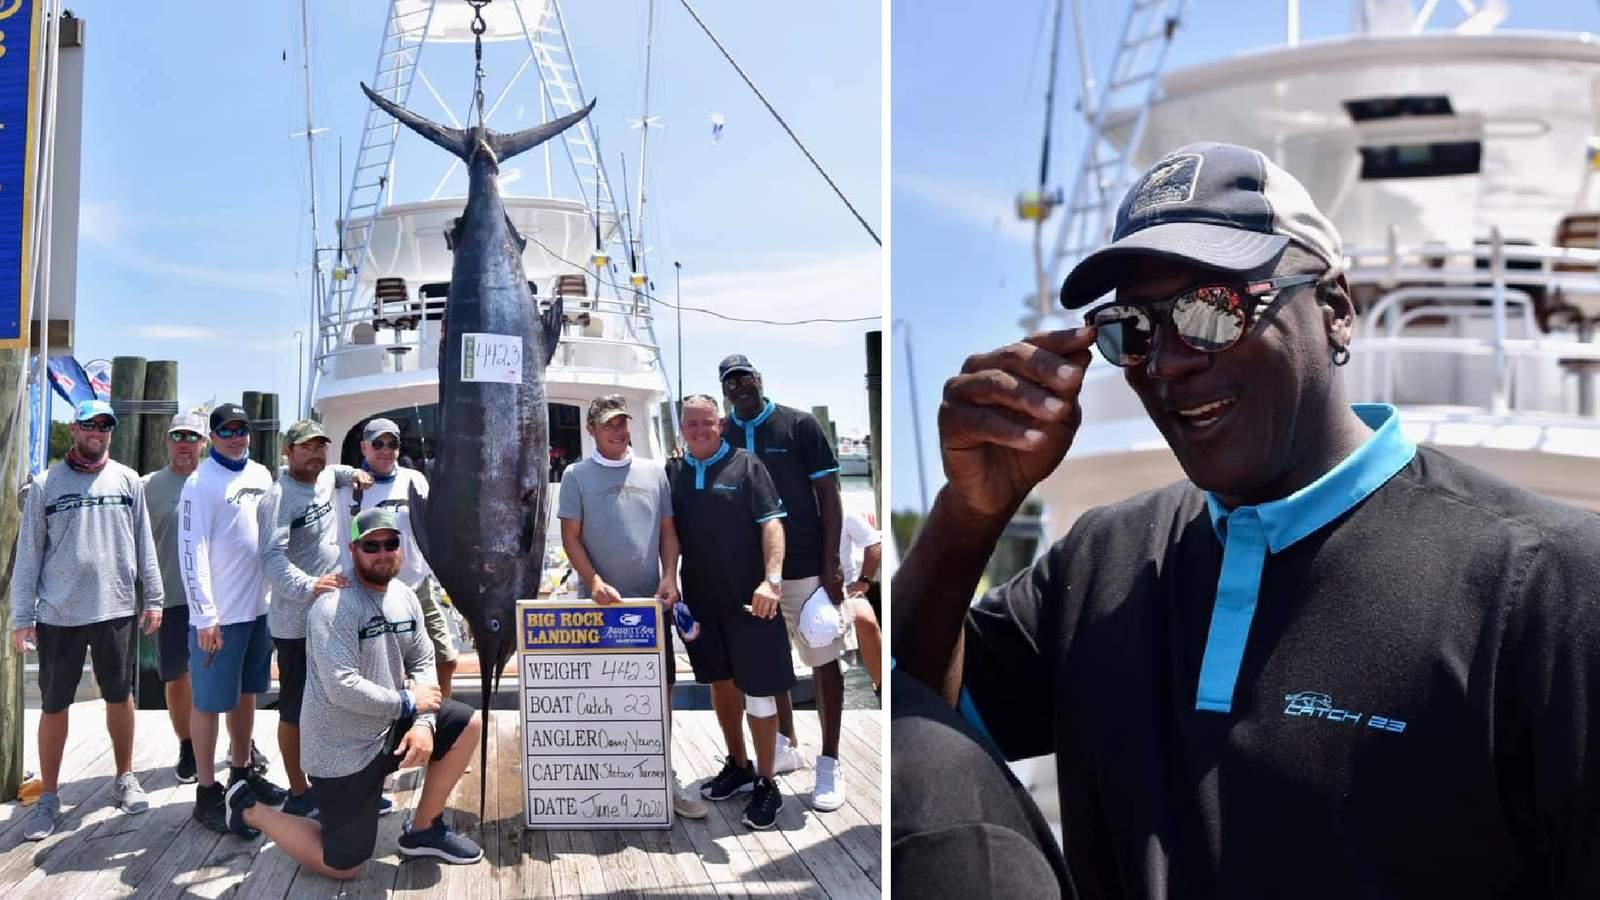 200公斤!喬丹釣魚大賽捕獲超大馬林魚,但卻只排在倒數第二!